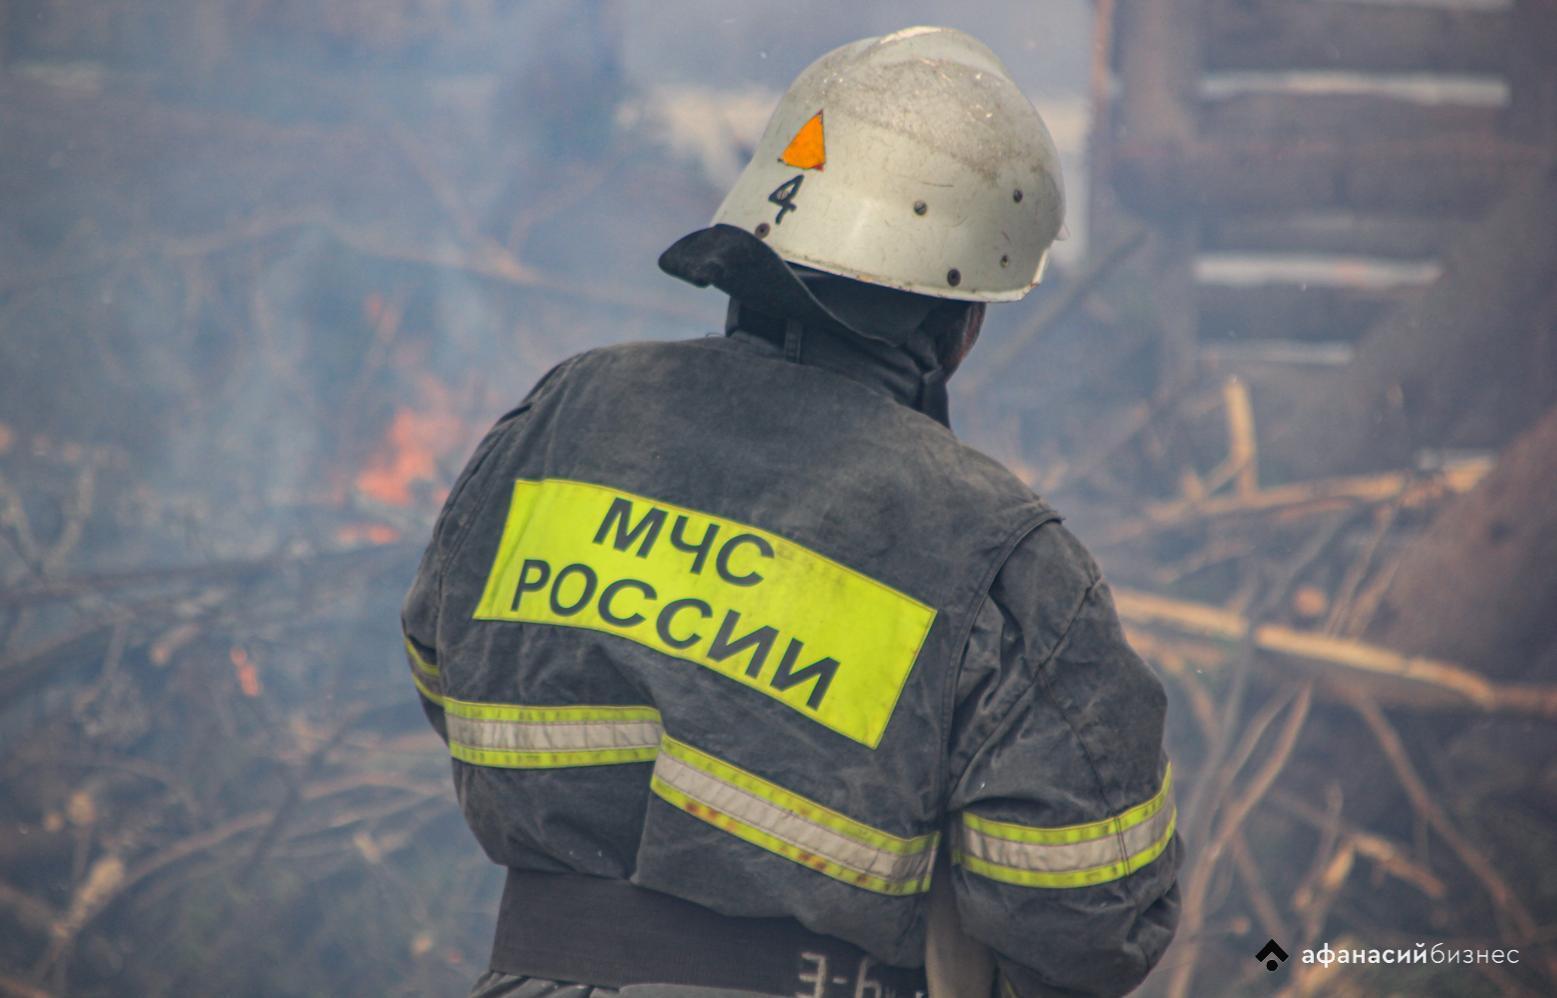 В Тверской области пожарные спасли мужчину из горящей квартиры - новости Афанасий